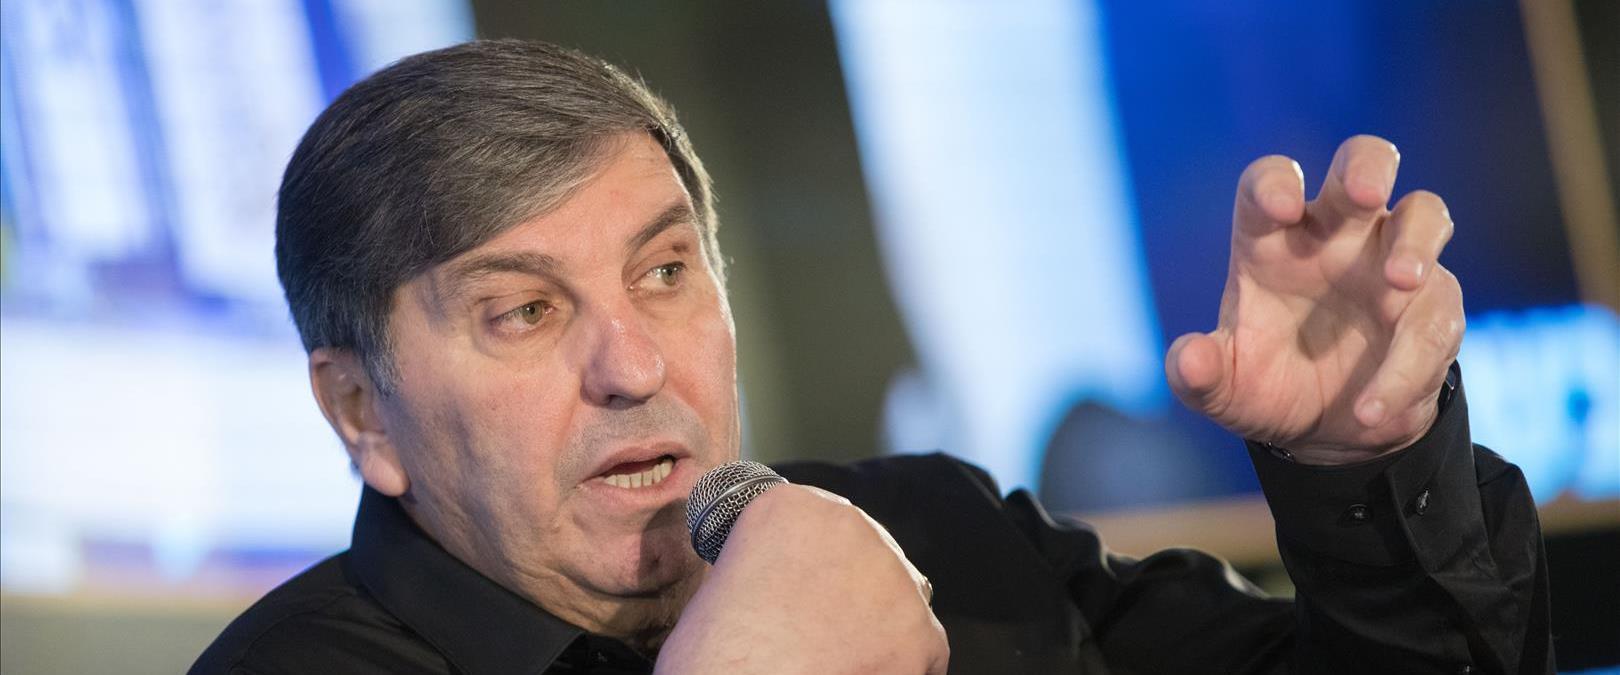 יושב ראש קרן קיימת לישראל דני עטר